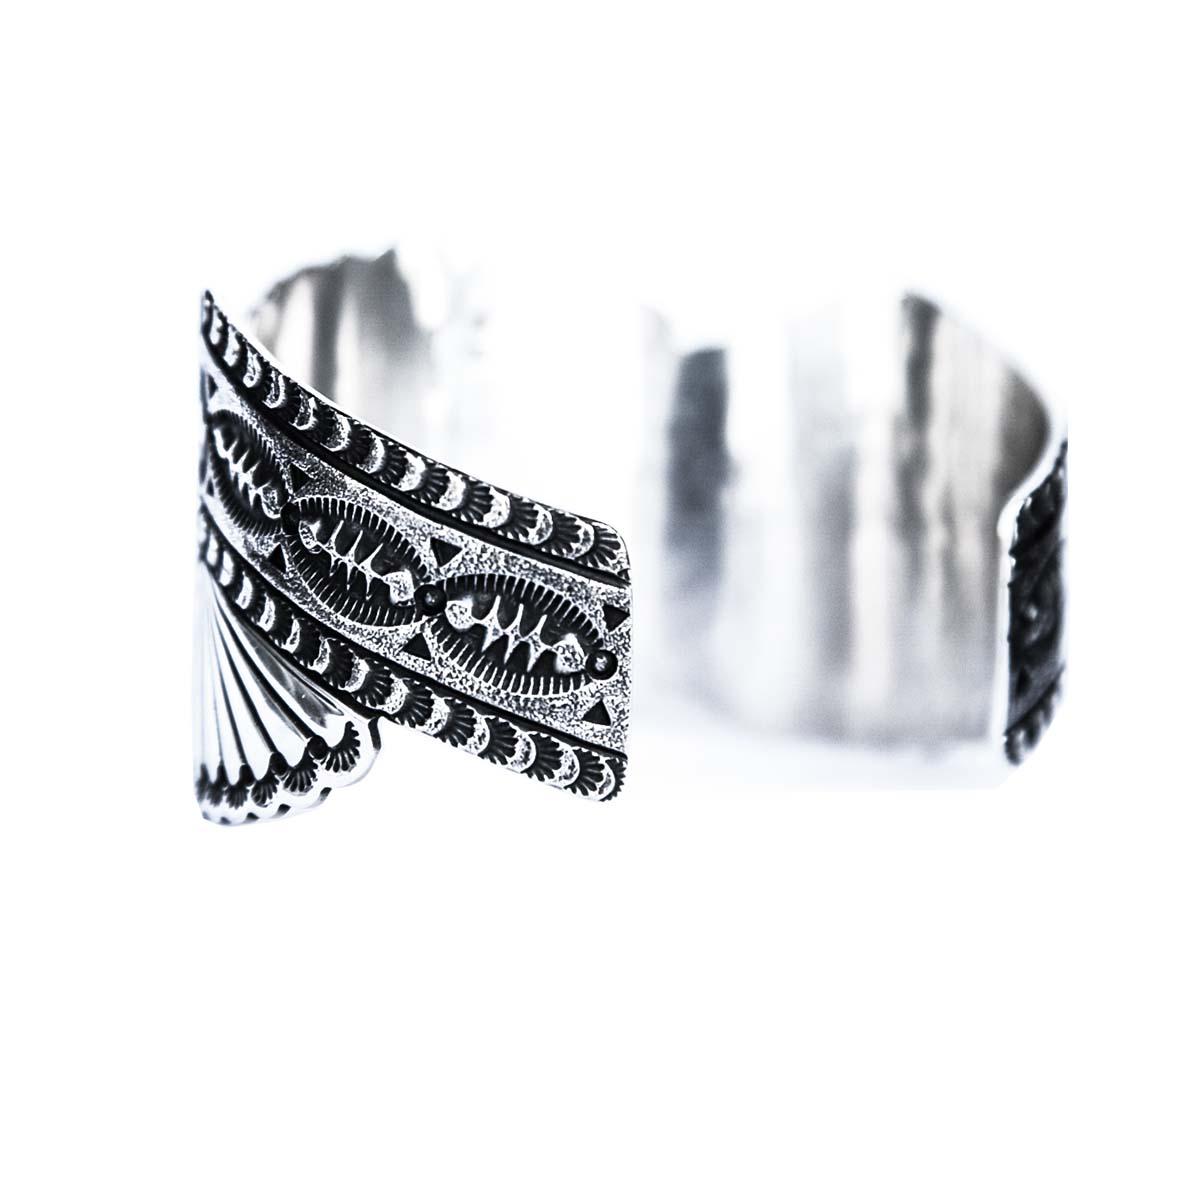 画像3: ターコイズ&スターリングシルバー ハンドメイド ブレスレット/Navajo Sterling Silver Bracelet